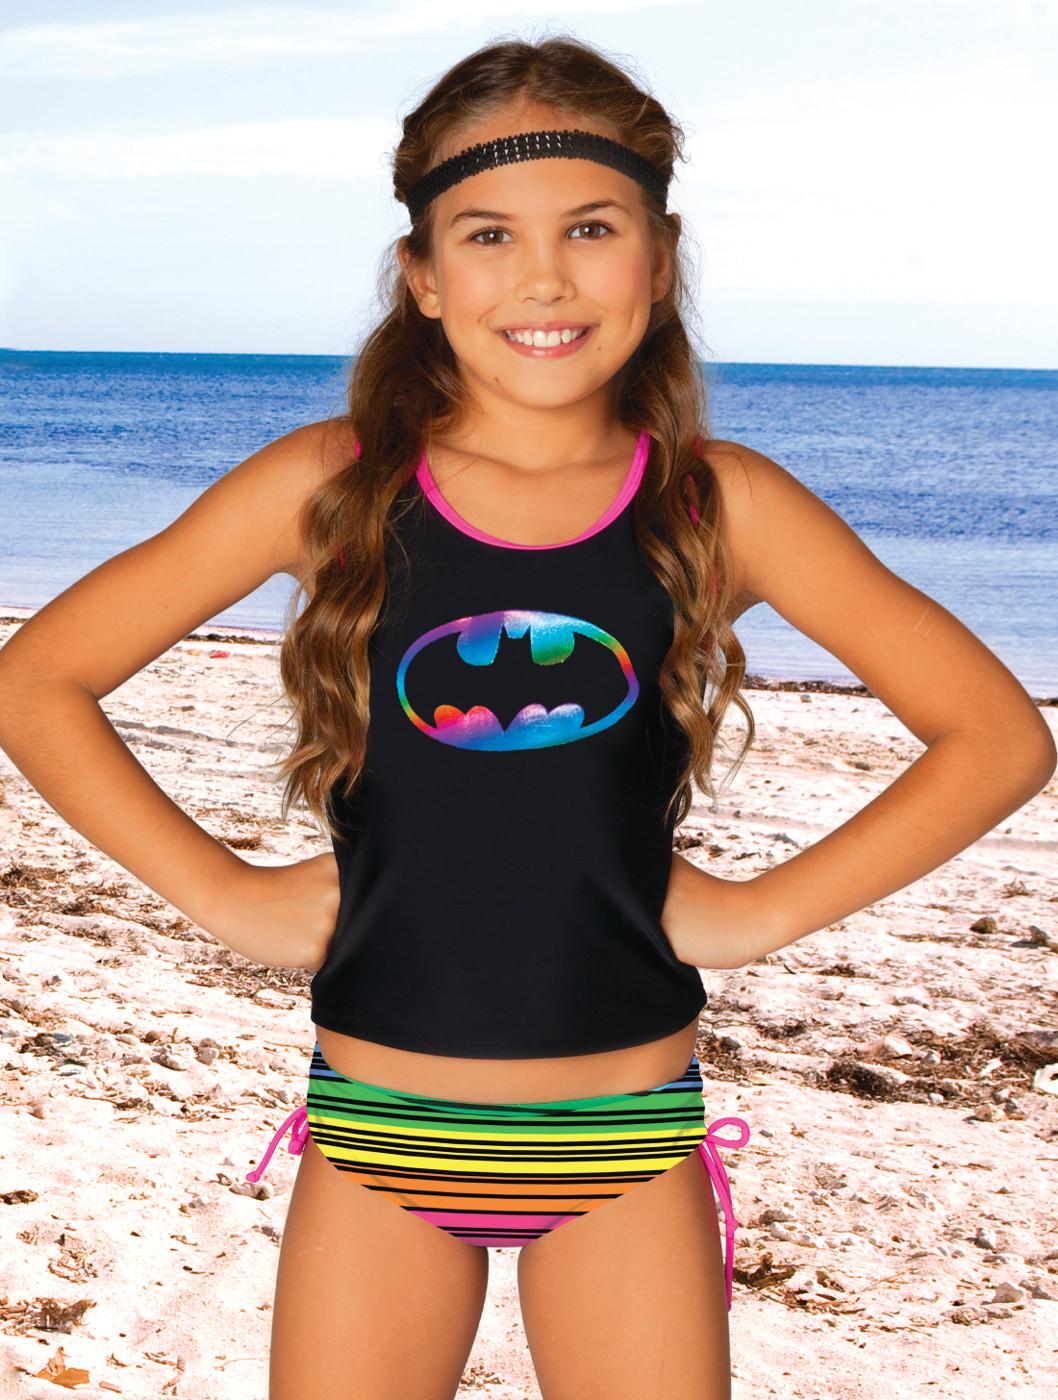 Vero beach florida girl nude